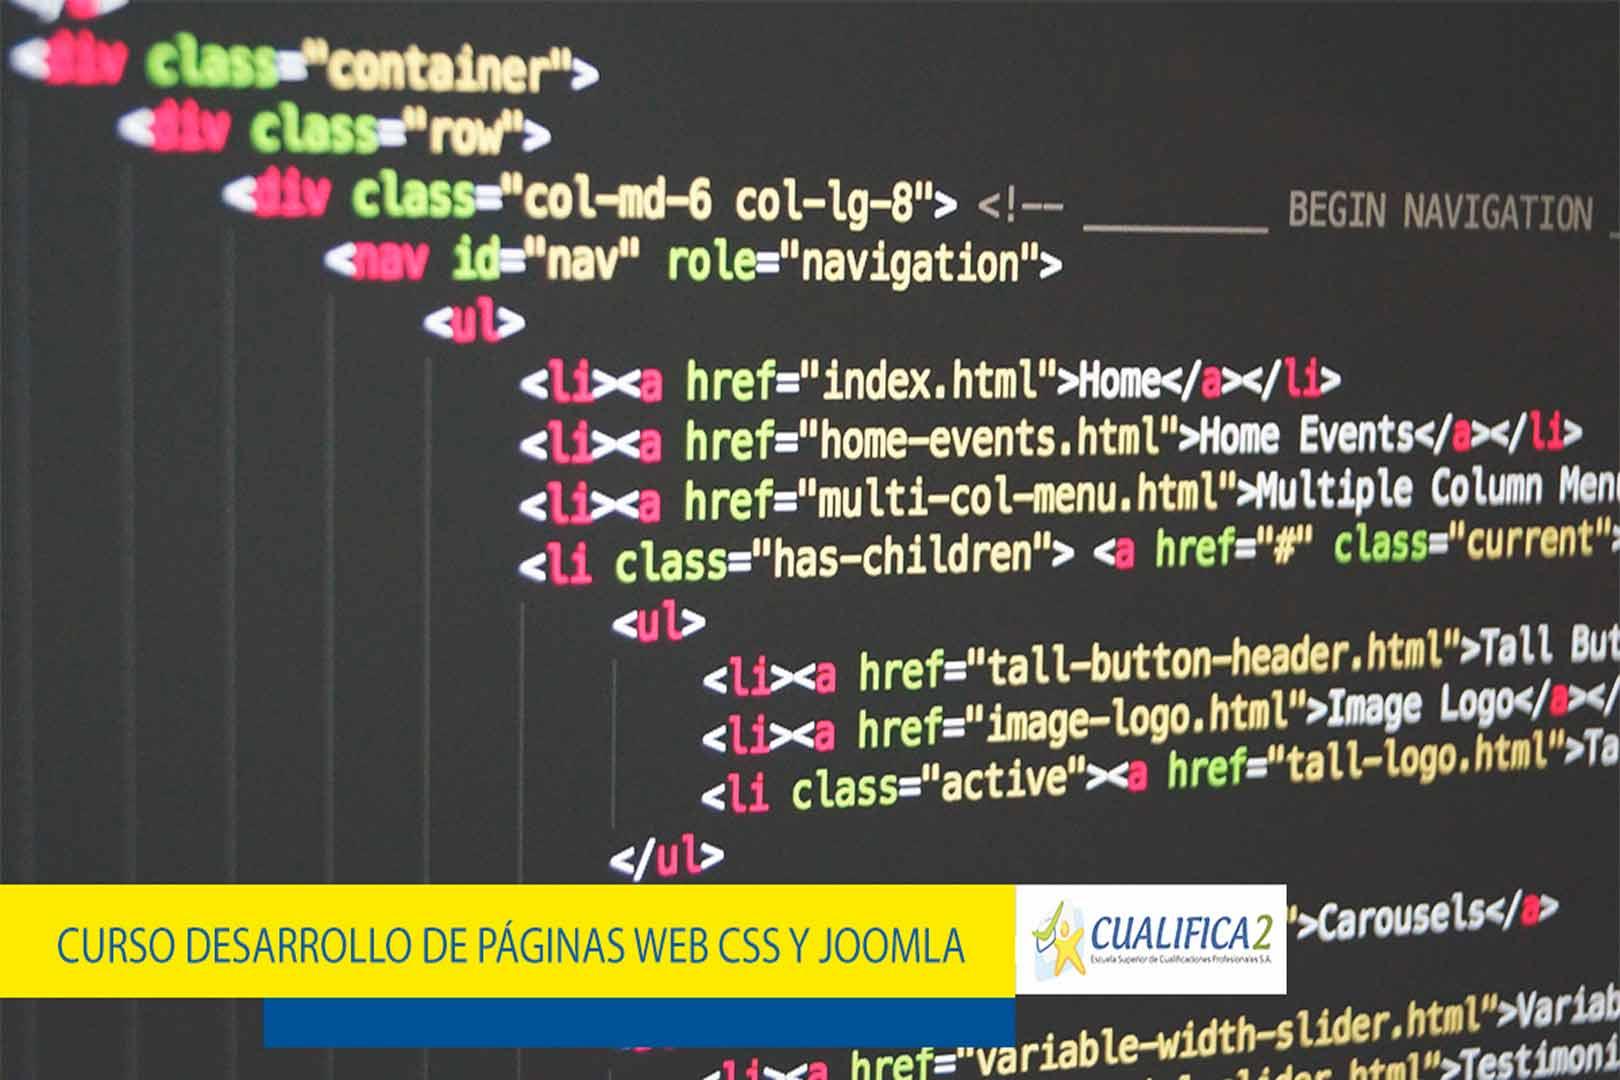 Curso de Desarrollo de Páginas Web Gratis